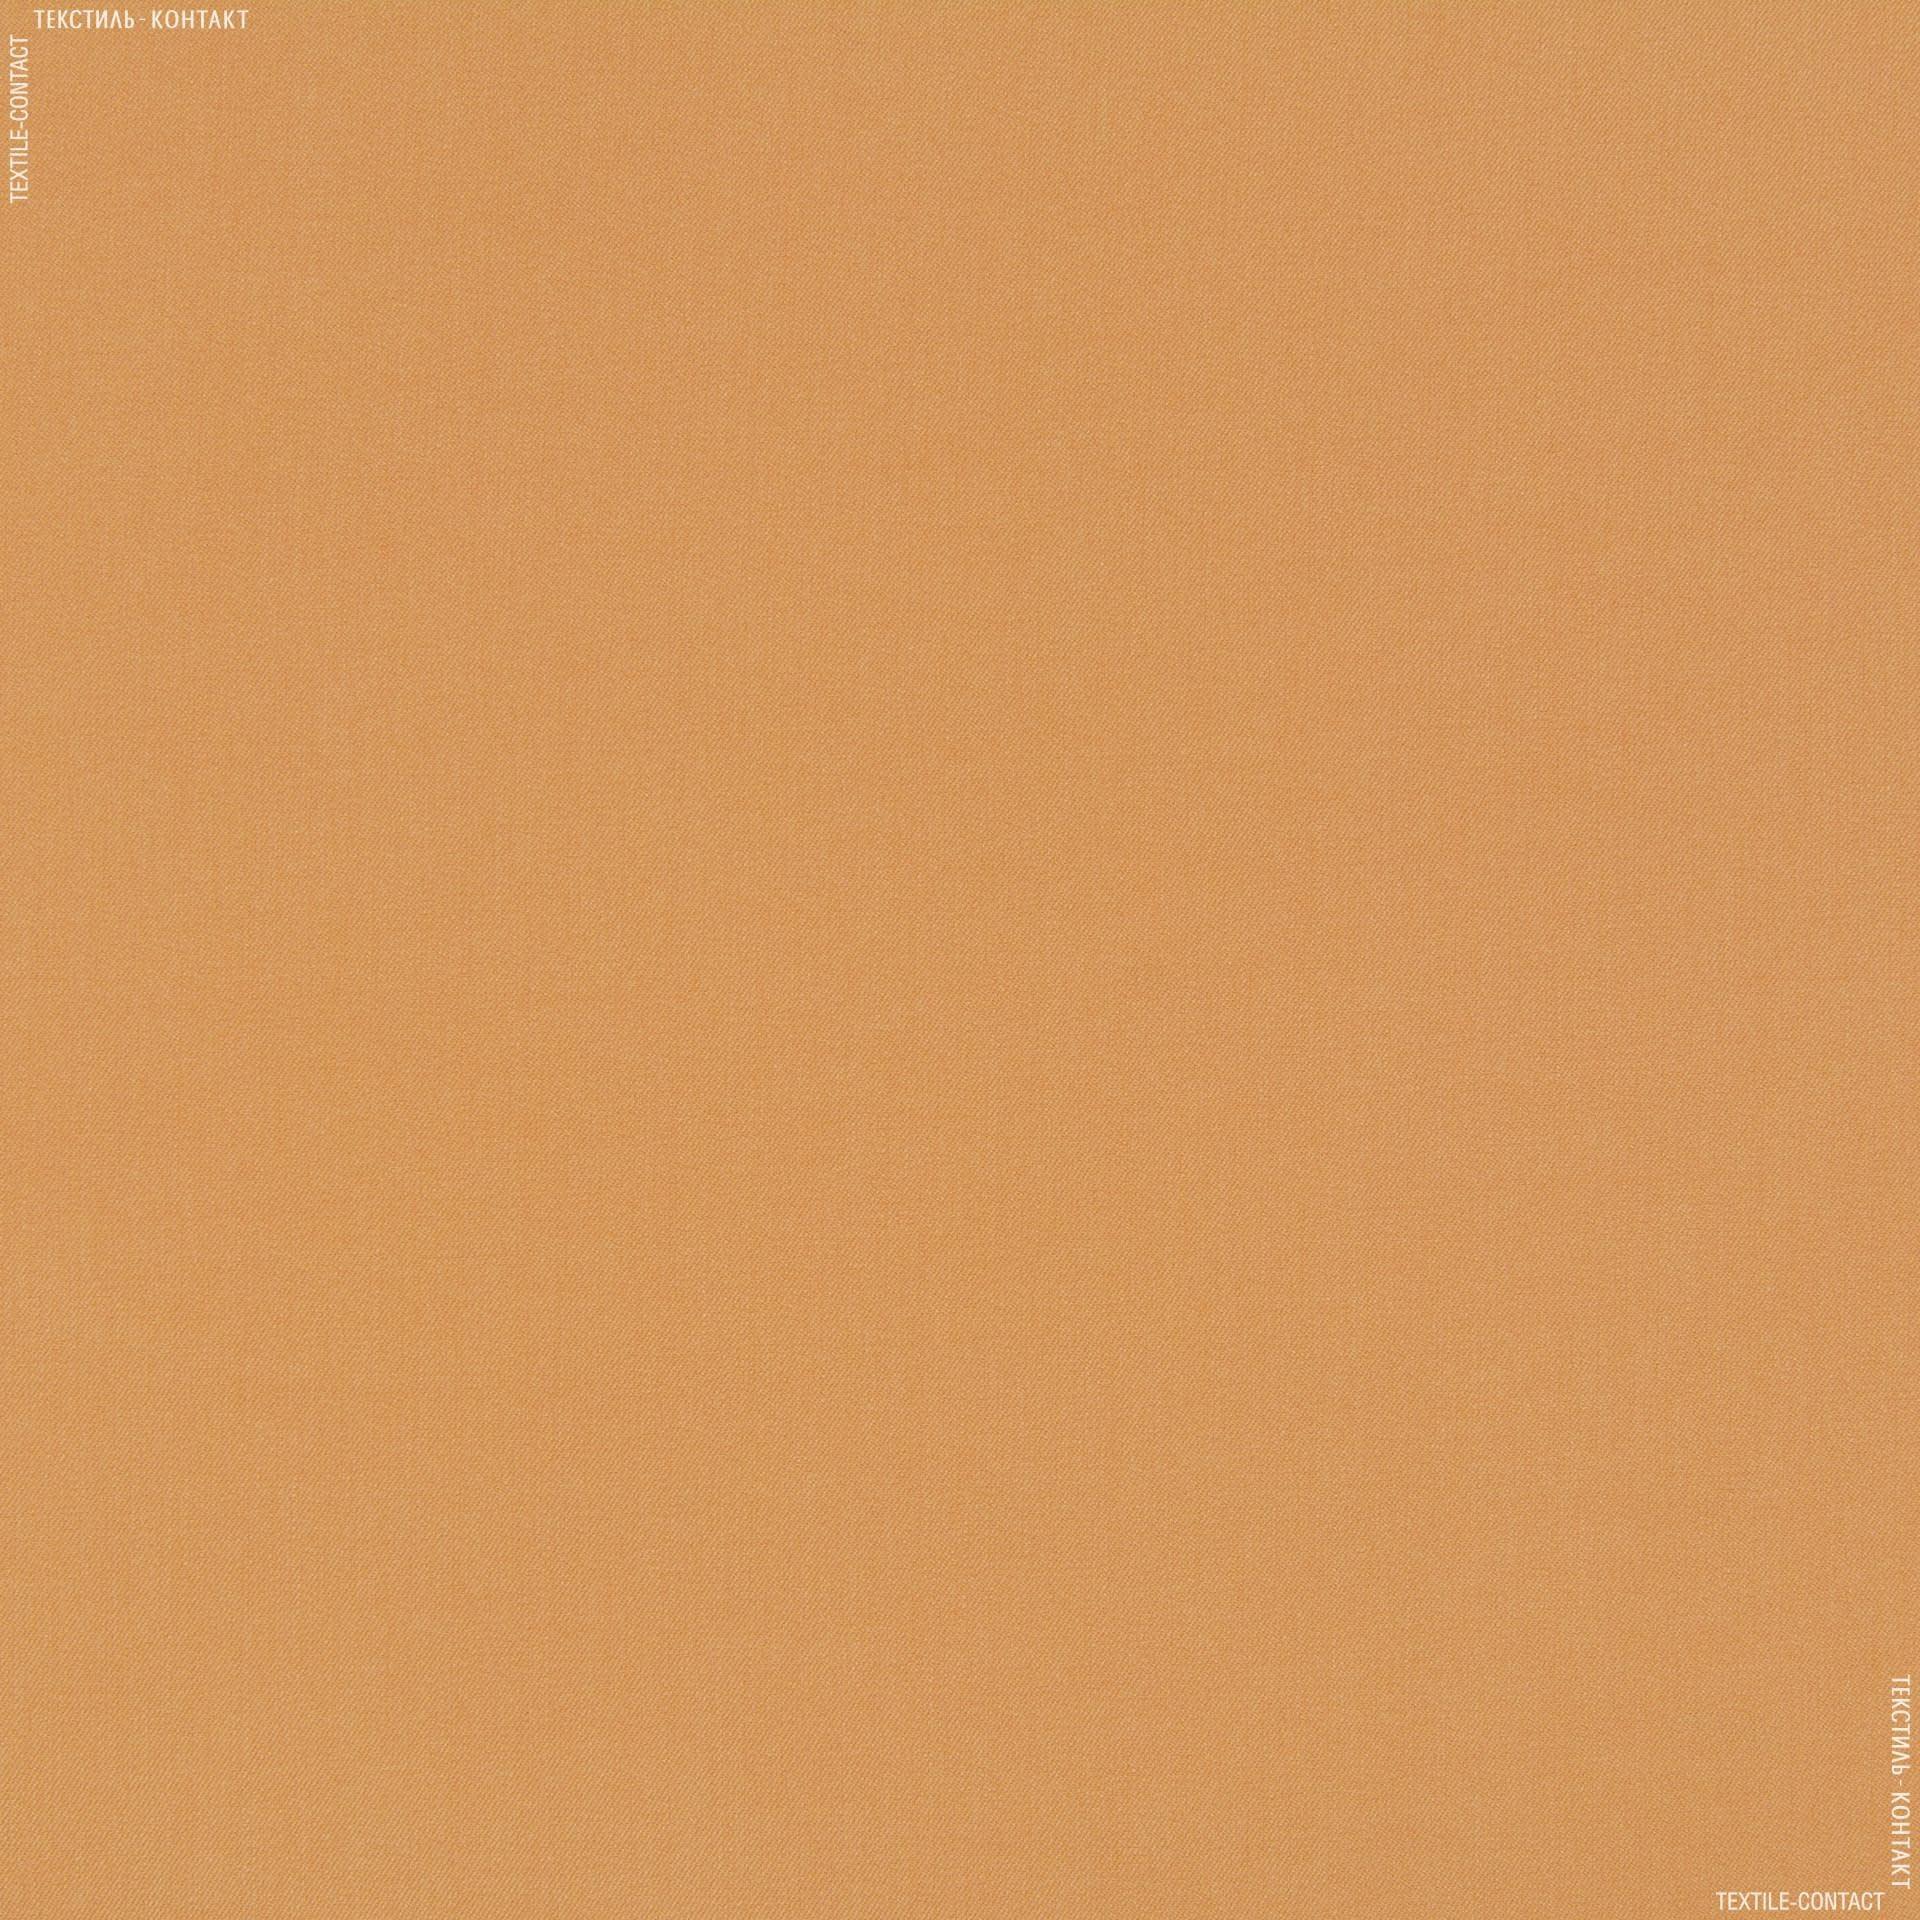 Тканини для штанів - Костюмна віскоза з лайкрою кремовий